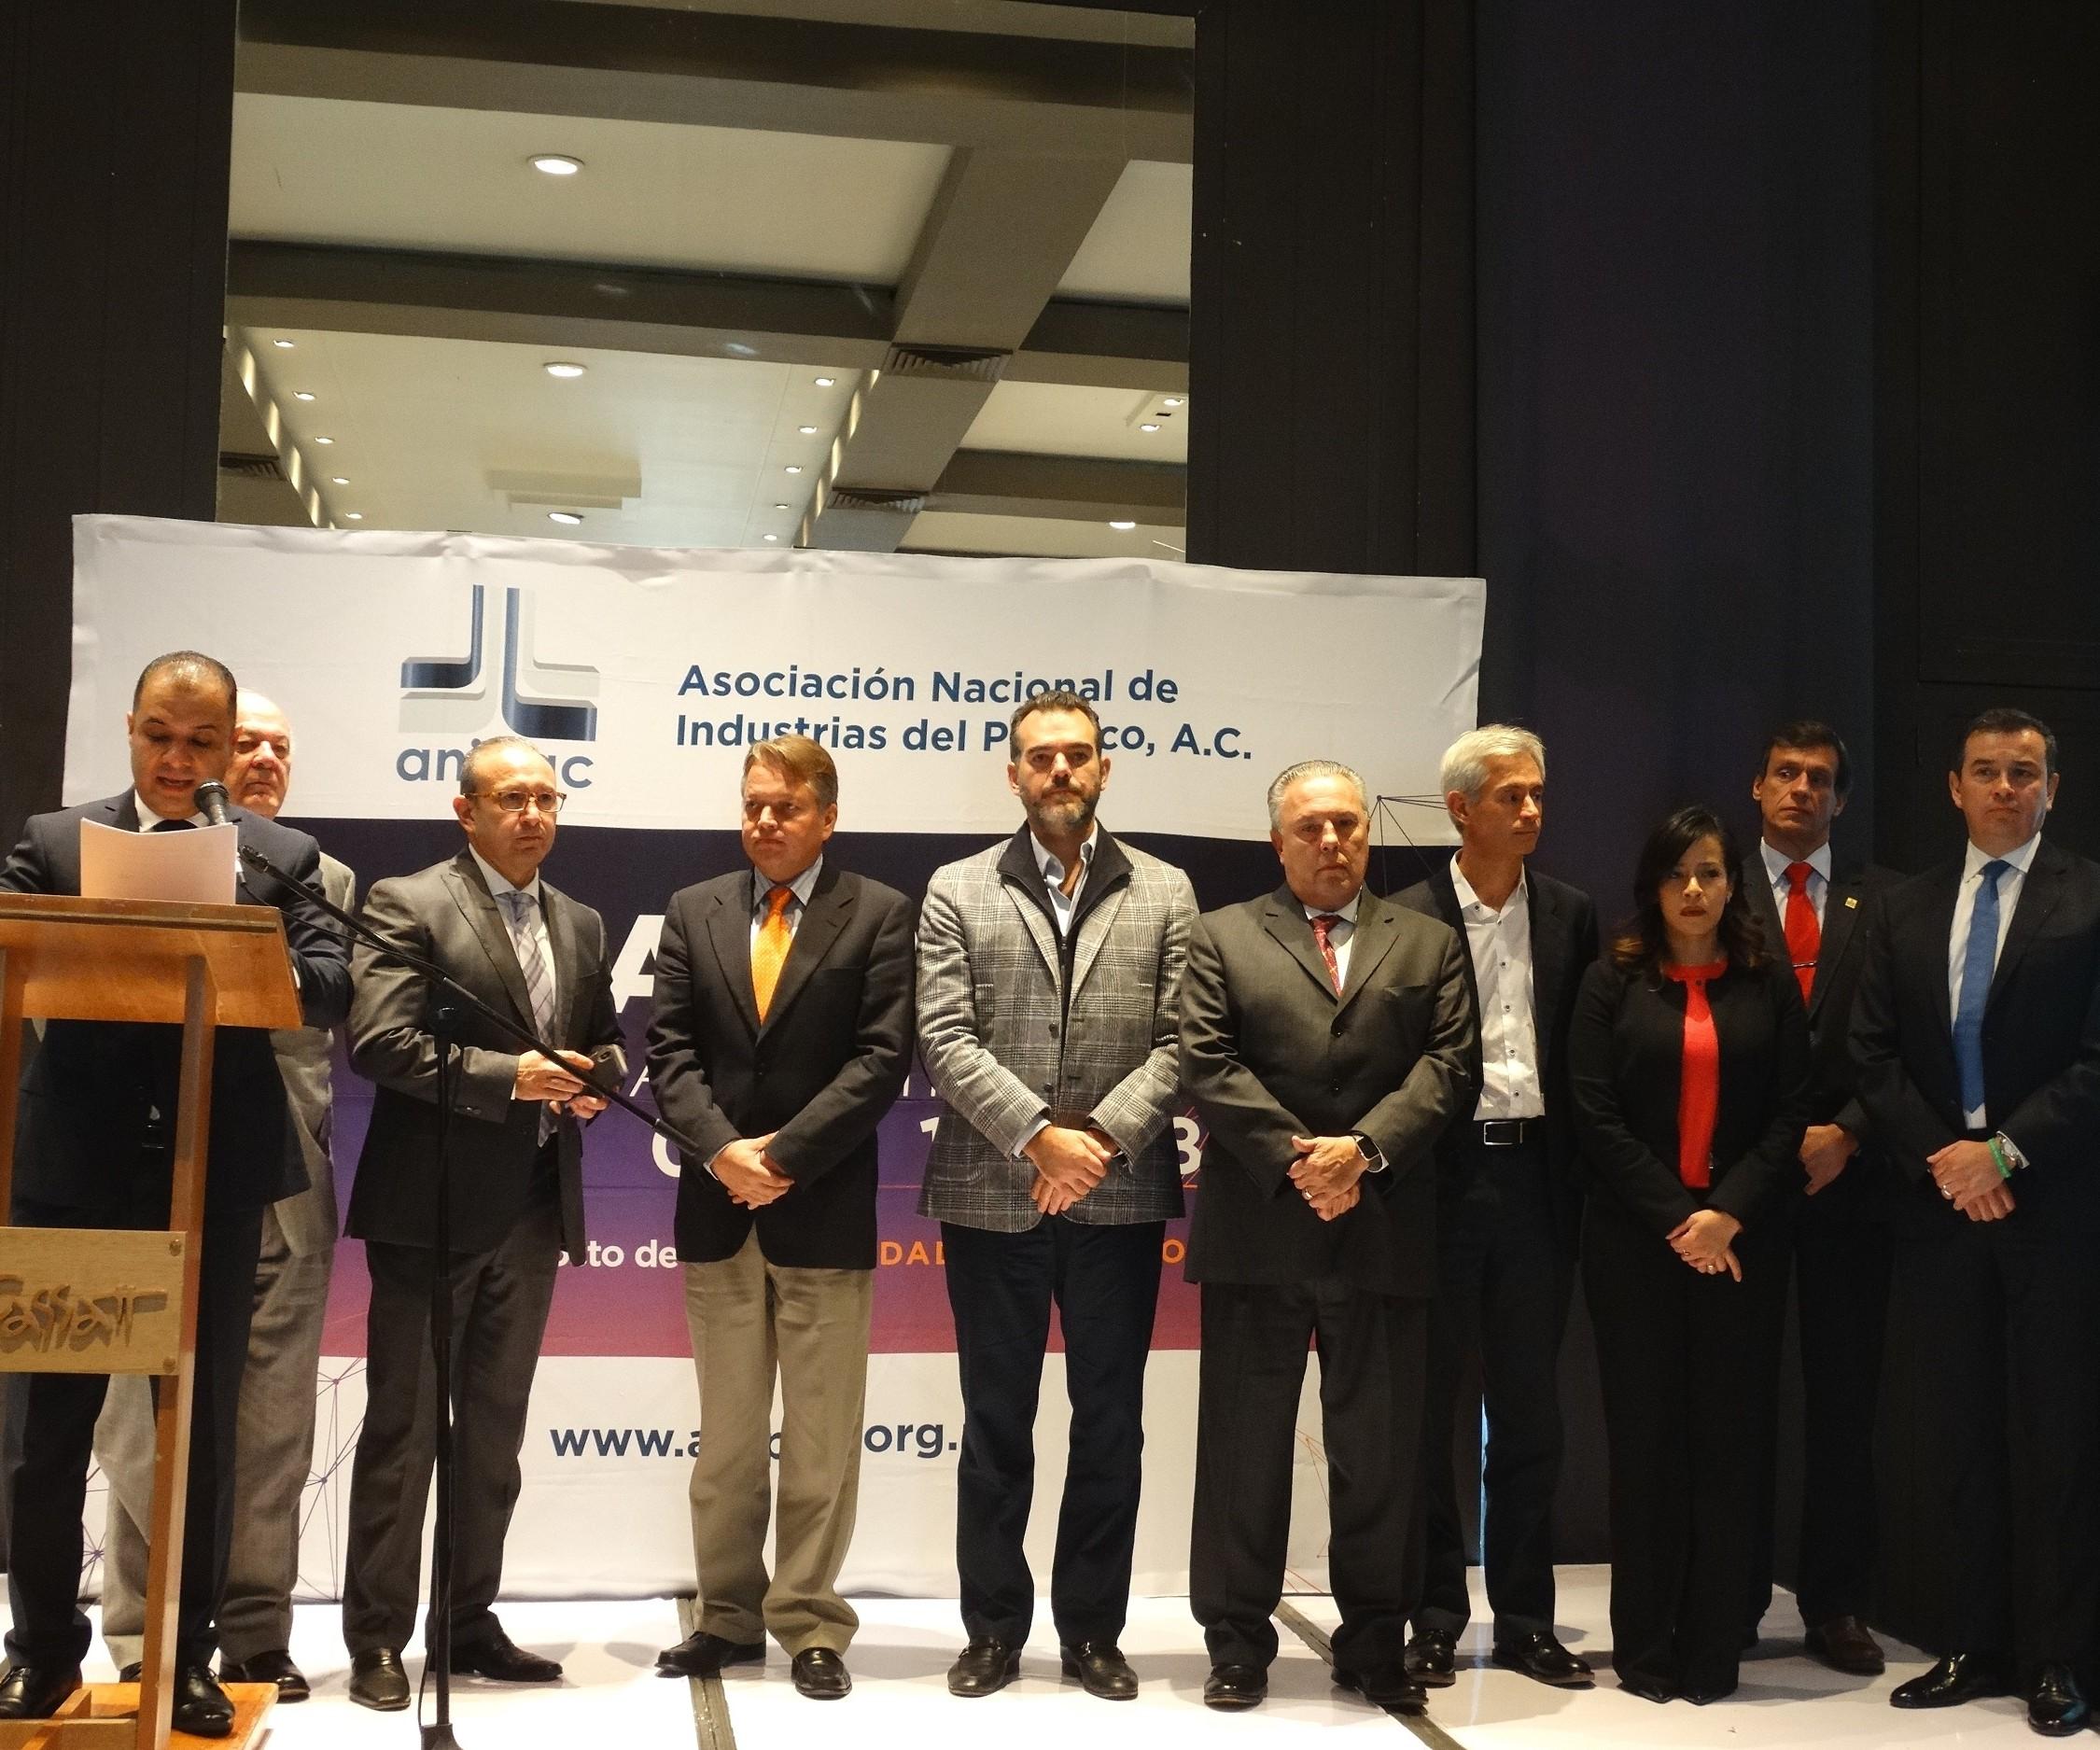 Comisión Ejecutiva de la Asociación Nacional de Industrias del Plástico, A.C. (ANIPAC) elige al Ing. AldimirTorres como nuevo presidente.